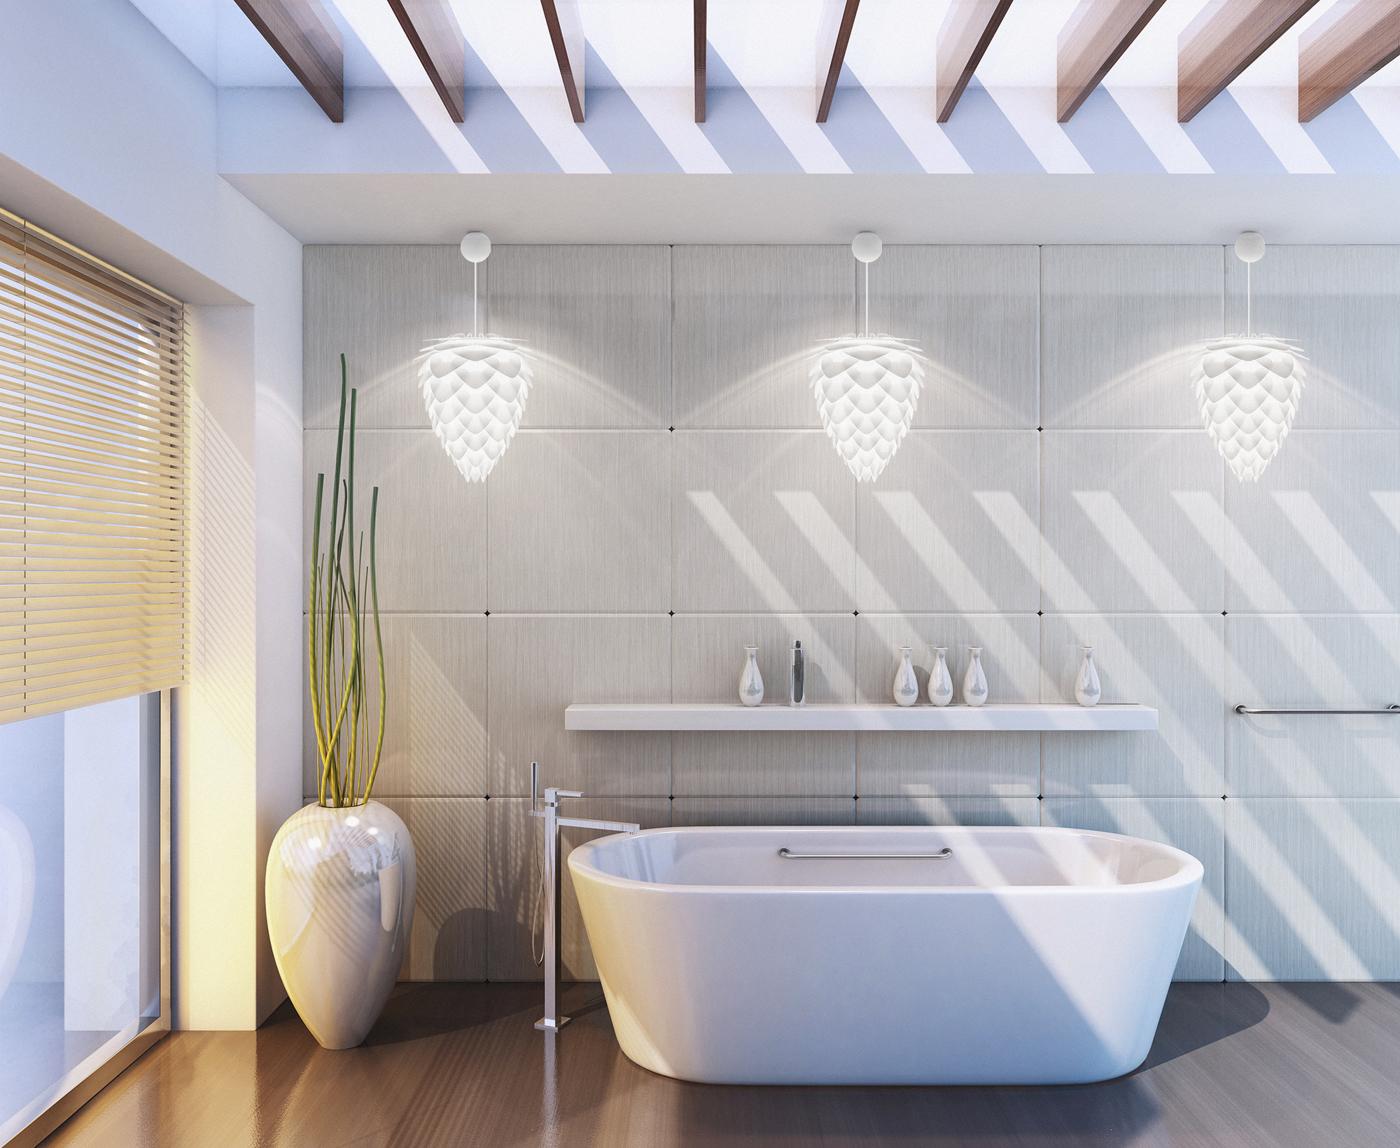 conia-designerlampa-snygg-taklampa-brunnsboden